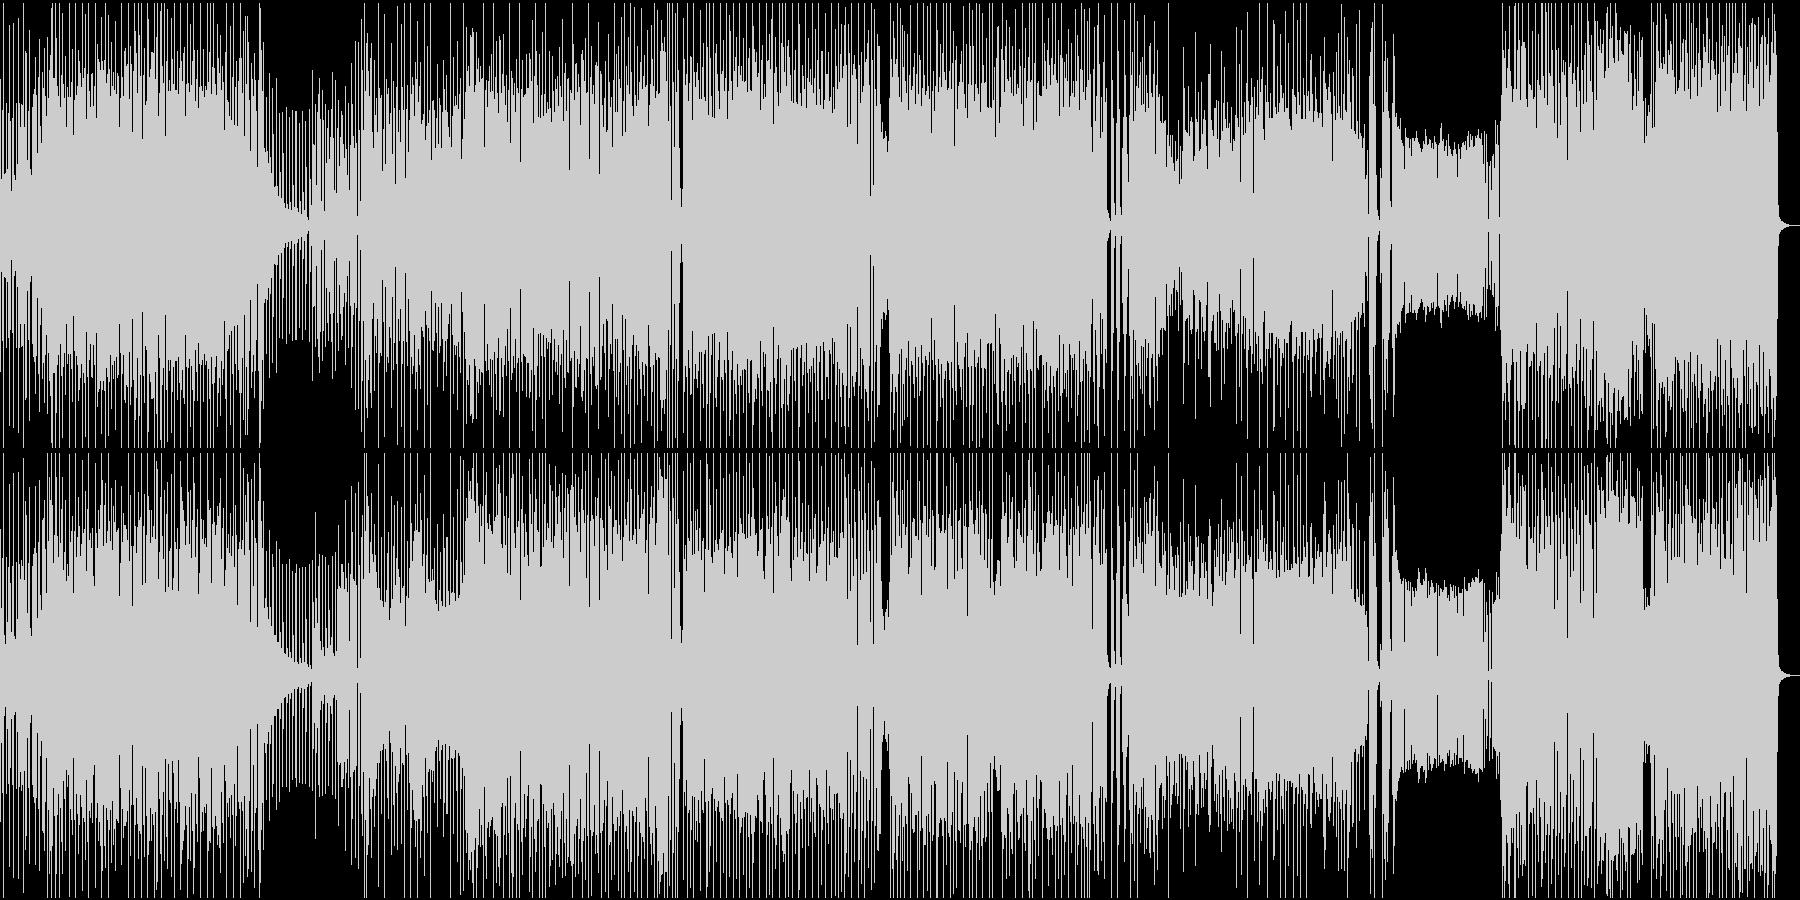 ハイテンポハイテンションな雰囲気のロックの未再生の波形